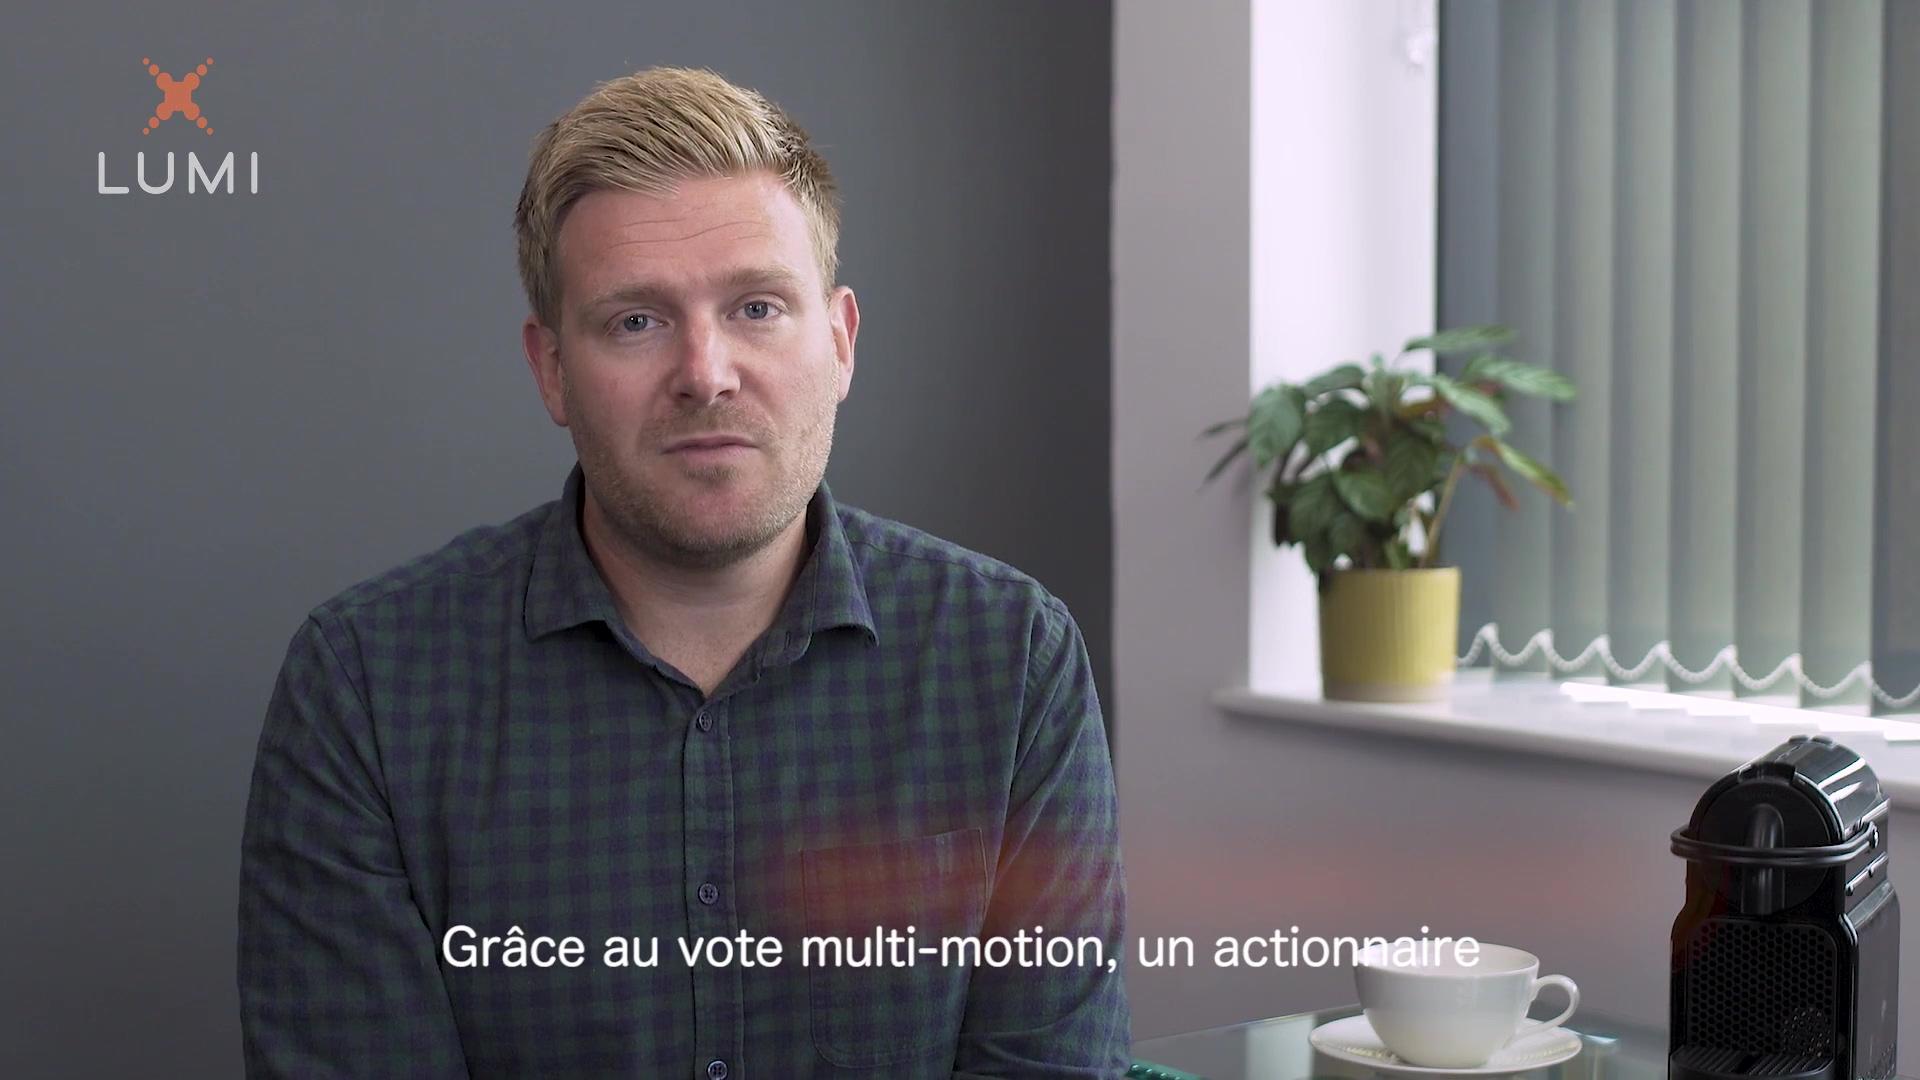 Lumi FAQ _ What is multi-motion voting_ (FR)